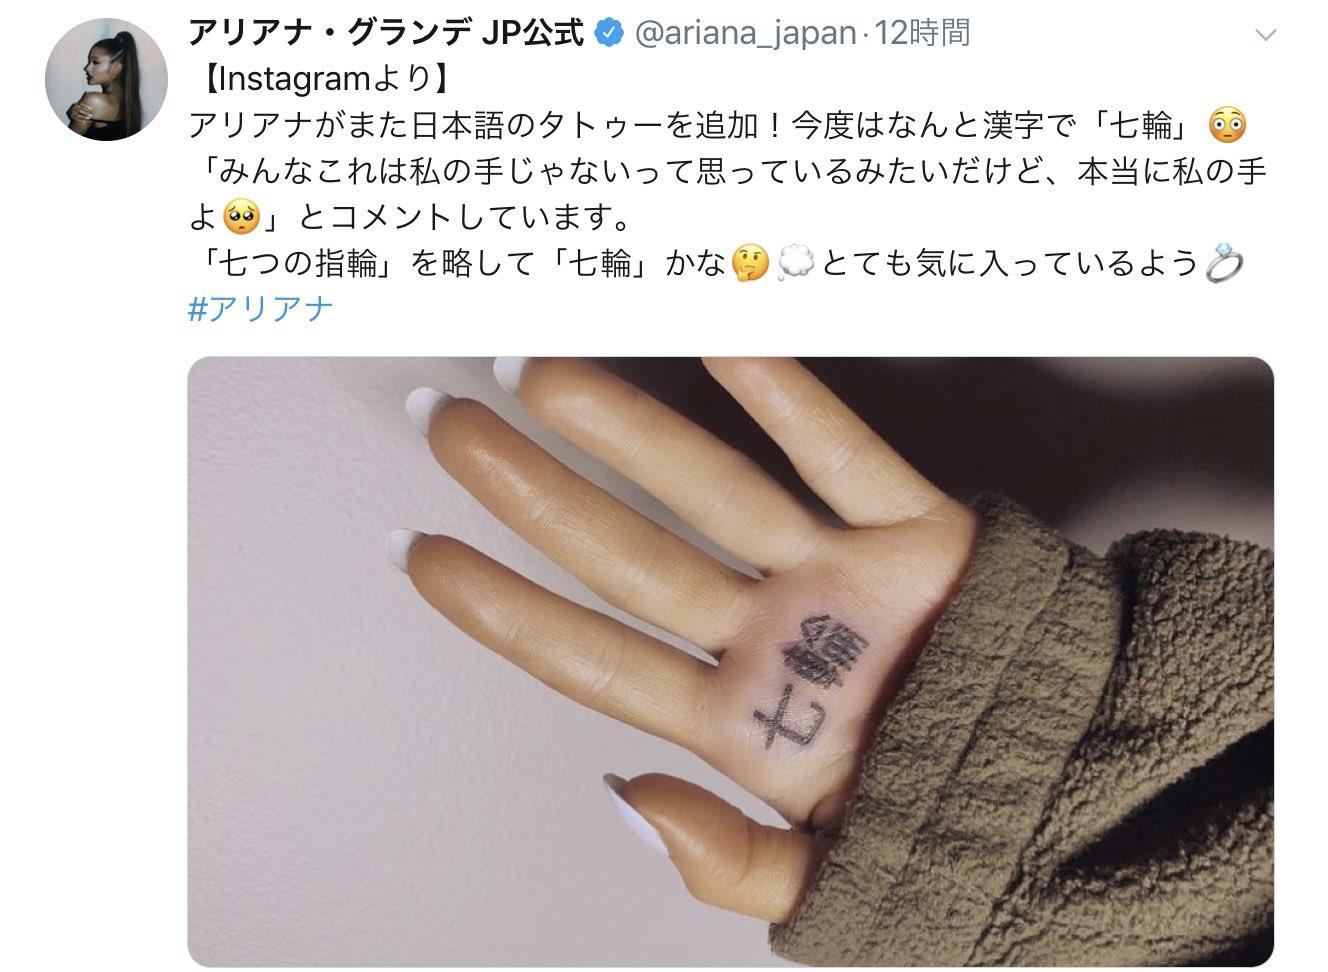 アリアナ・グランデが新曲『7 Rings』にちなんで漢字のタトゥーを入れたら調理用の炉になってしまった件、「心が太い子になってほしいという意味をこめて生まれたばかりの息子を『心太(しんた)』と名付け、役所に届けた3日後に『ところてん』と読むことを知った」という2ちゃんのコピペを思い出した